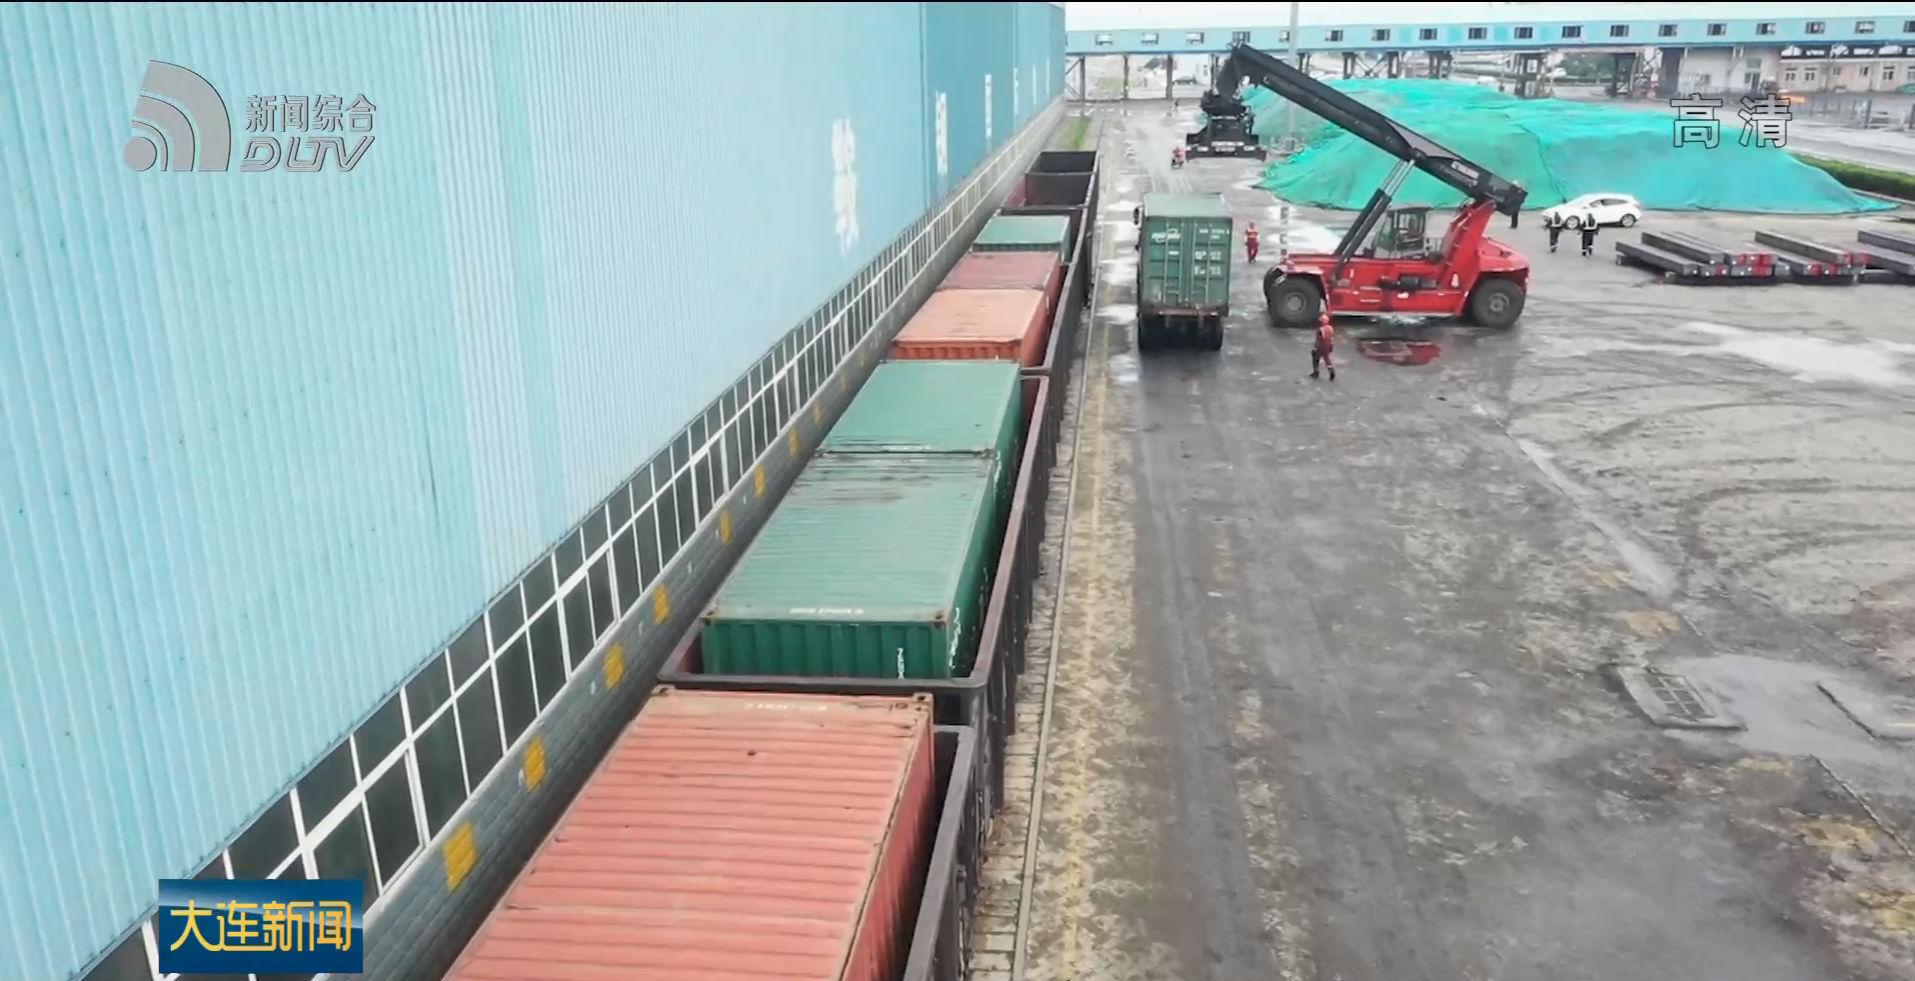 大连港首条港区协同循环班列开通